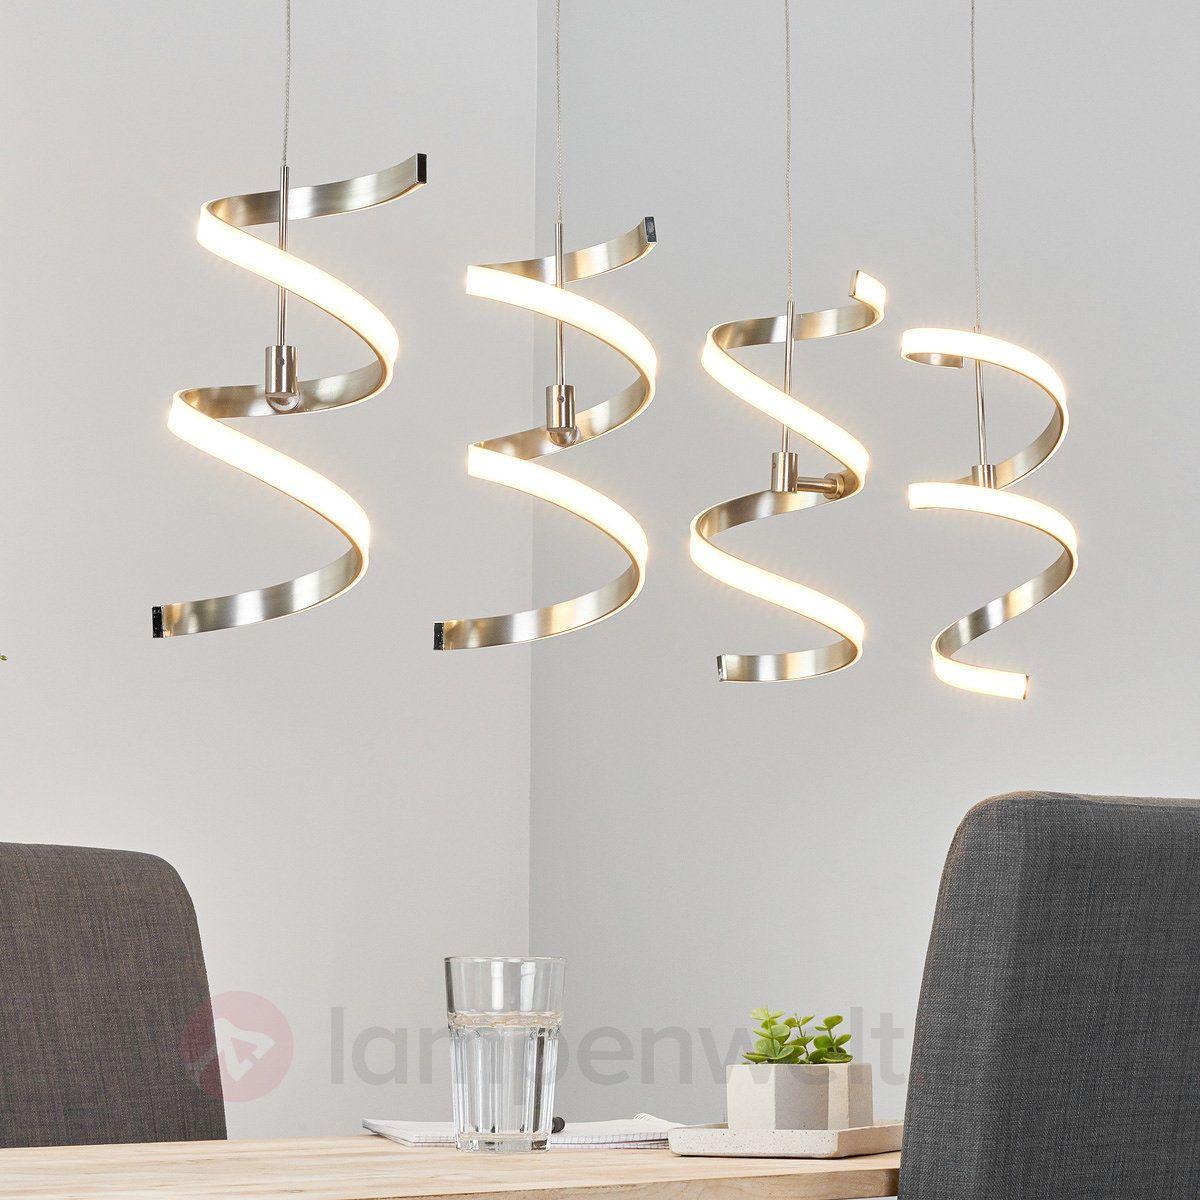 Fesselnd LED Hängeleuchte Pierre Spiralen 4 Flammig Esszimmer Hängelampe Modern LEDs